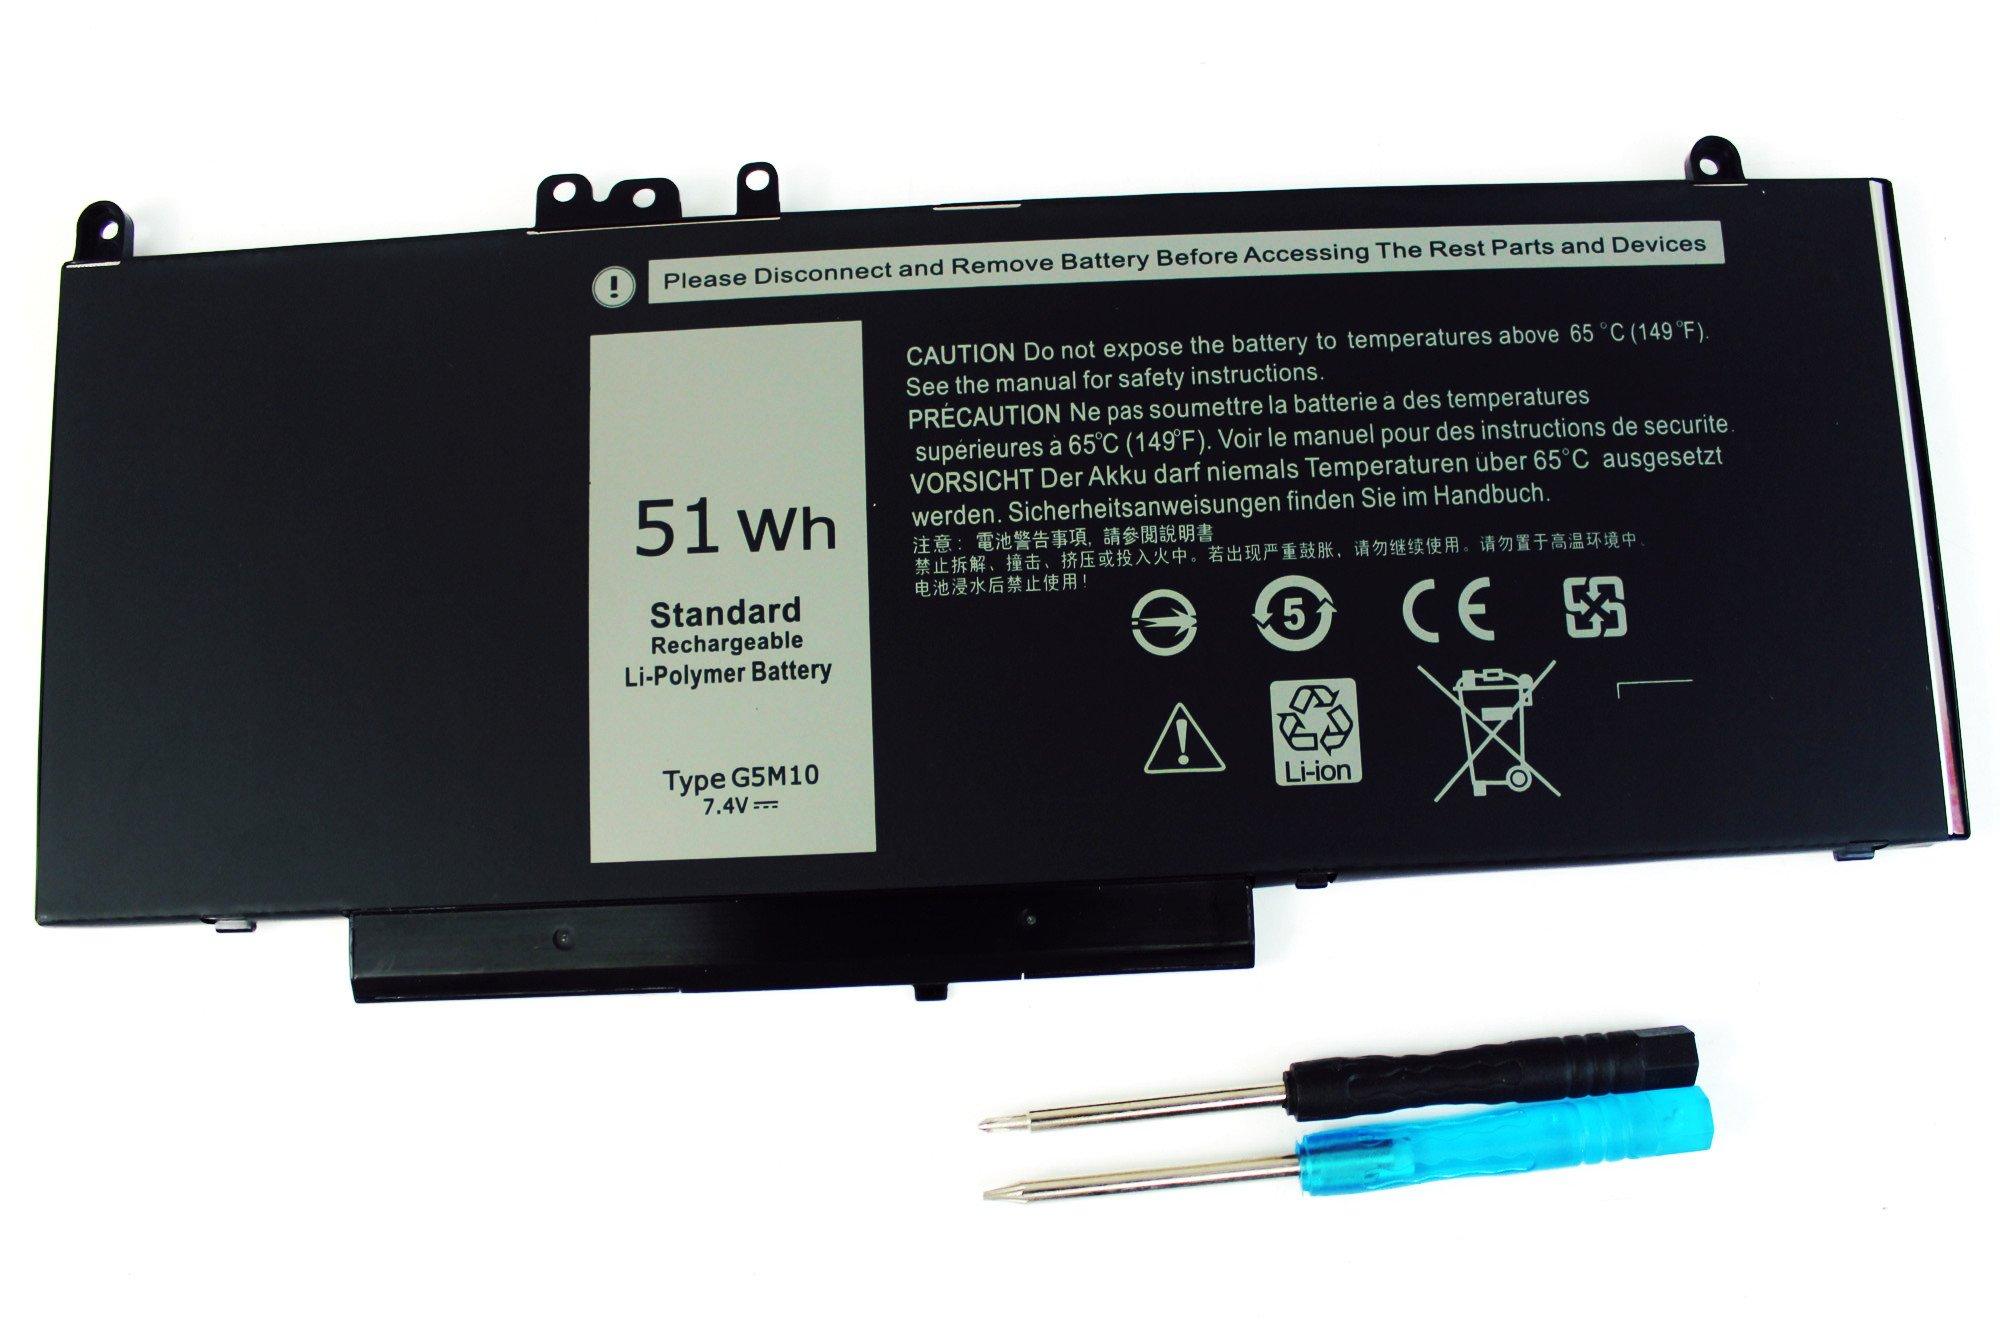 Bateria G5M10 para Dell Latitude E5450 Latitude E5470 Latitude E5550 Latitude E5570 Series P/N 6MT4T R9XM R9XM9 8V5GX 08